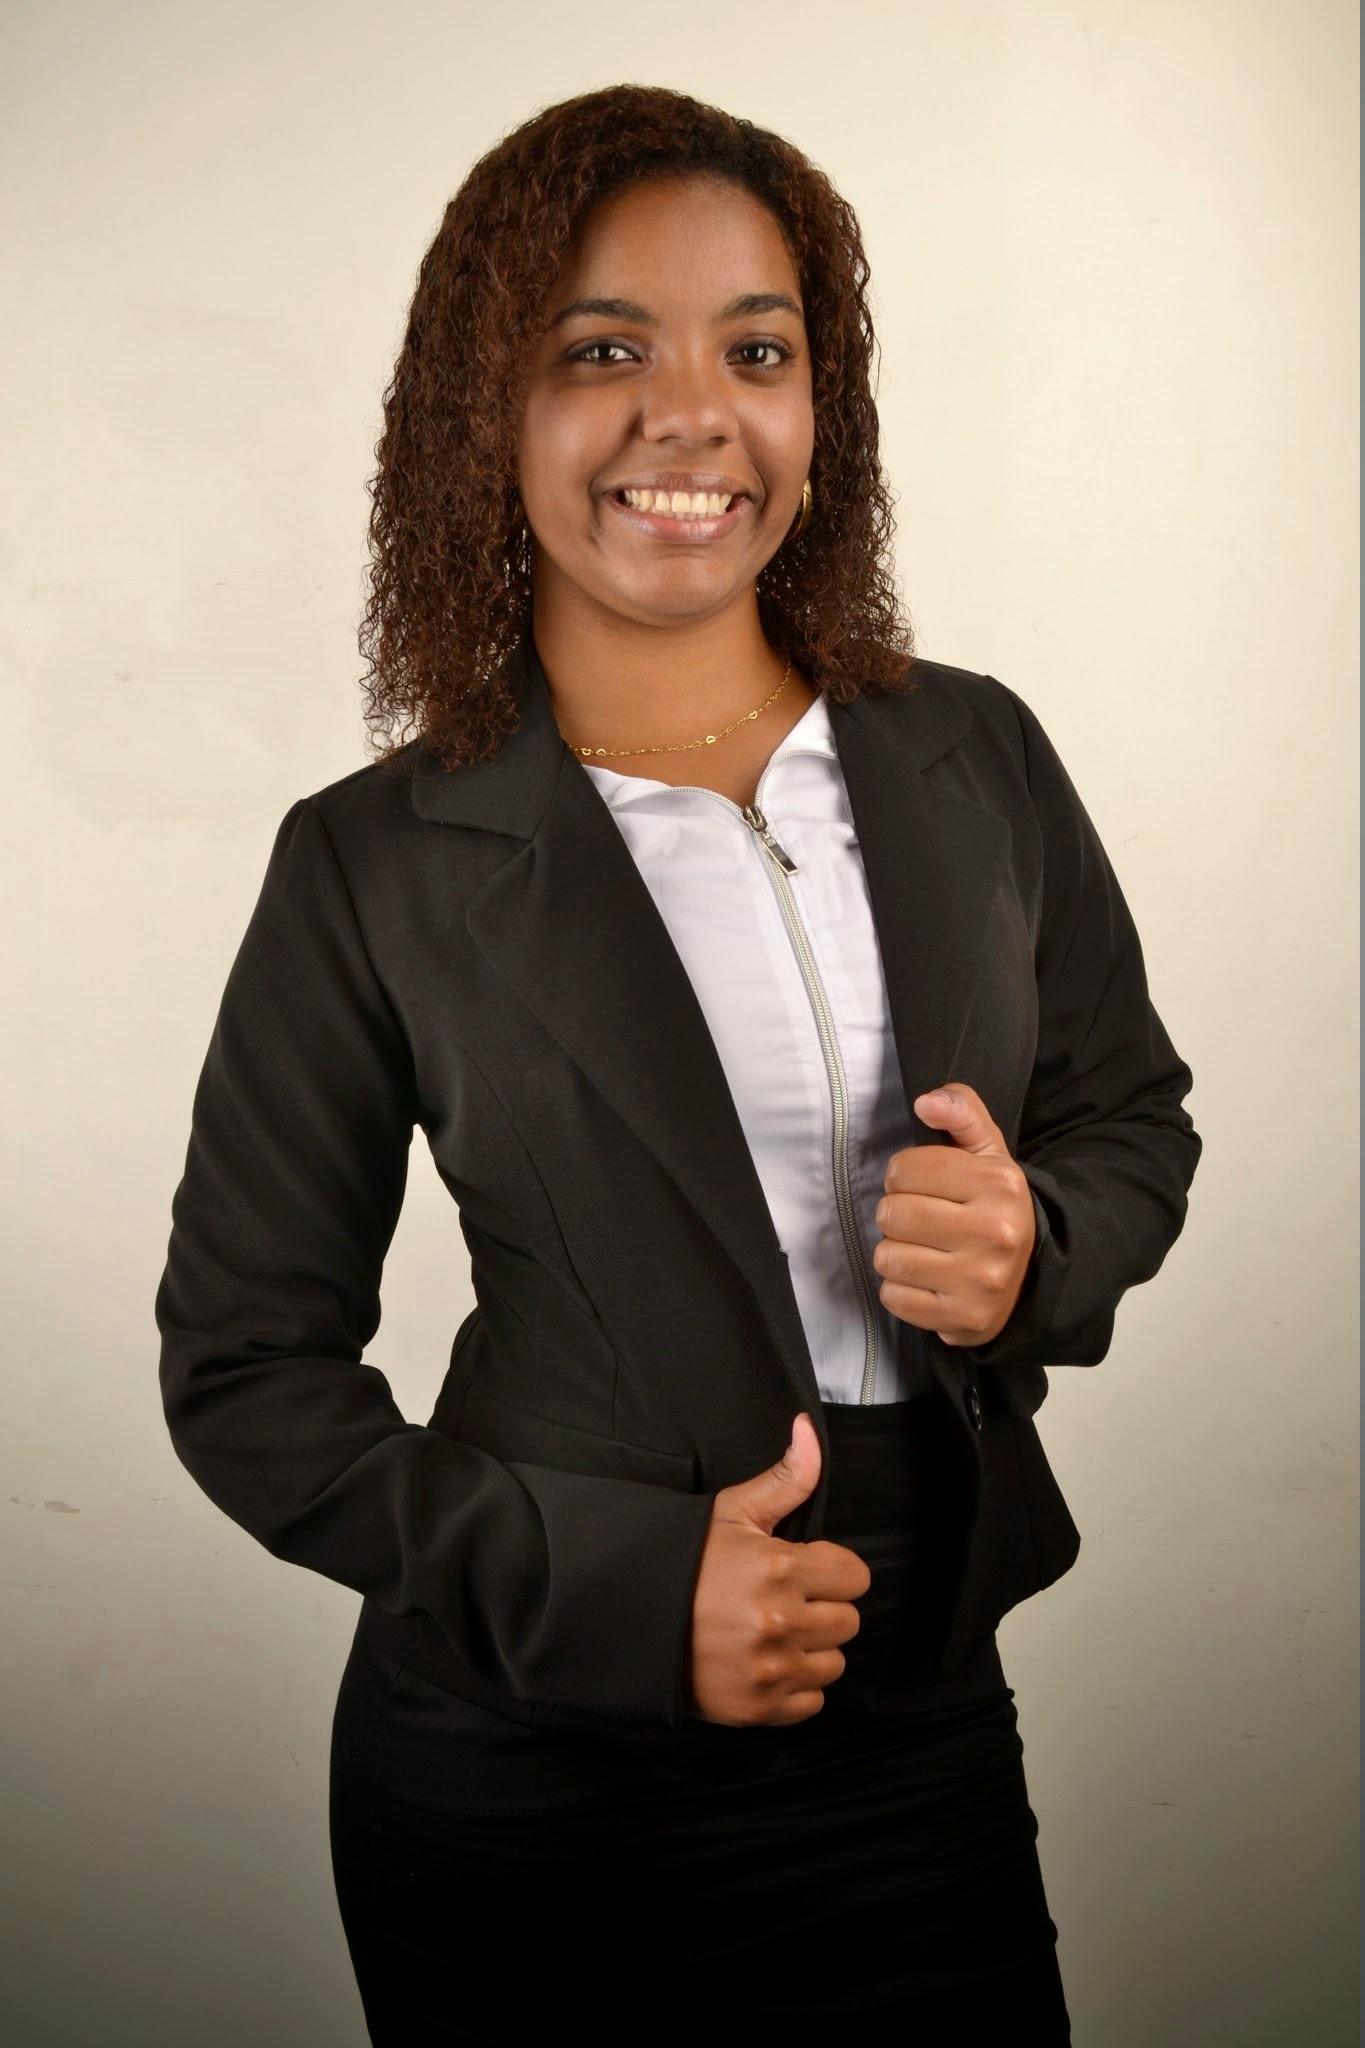 images gratuites main la personne portrait jeune doigt professionnel noir. Black Bedroom Furniture Sets. Home Design Ideas